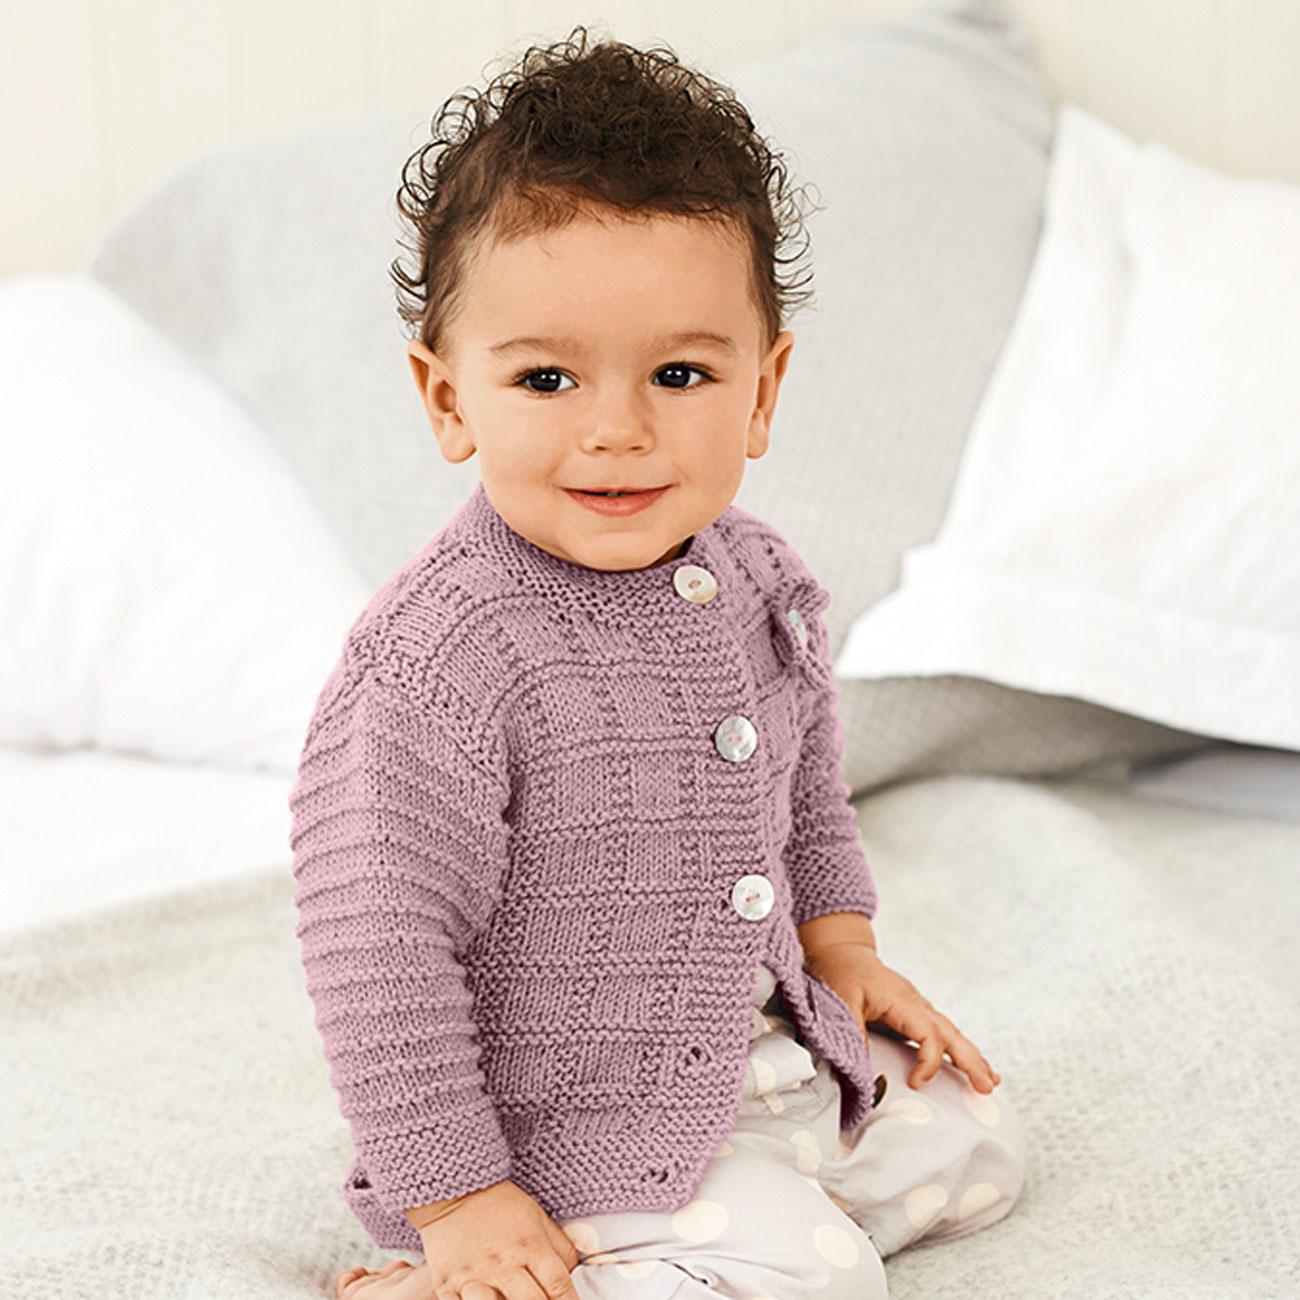 anleitung 075 8 a baby jacke mit rundhalsausschnitt aus baby classic dk von rico design 1. Black Bedroom Furniture Sets. Home Design Ideas